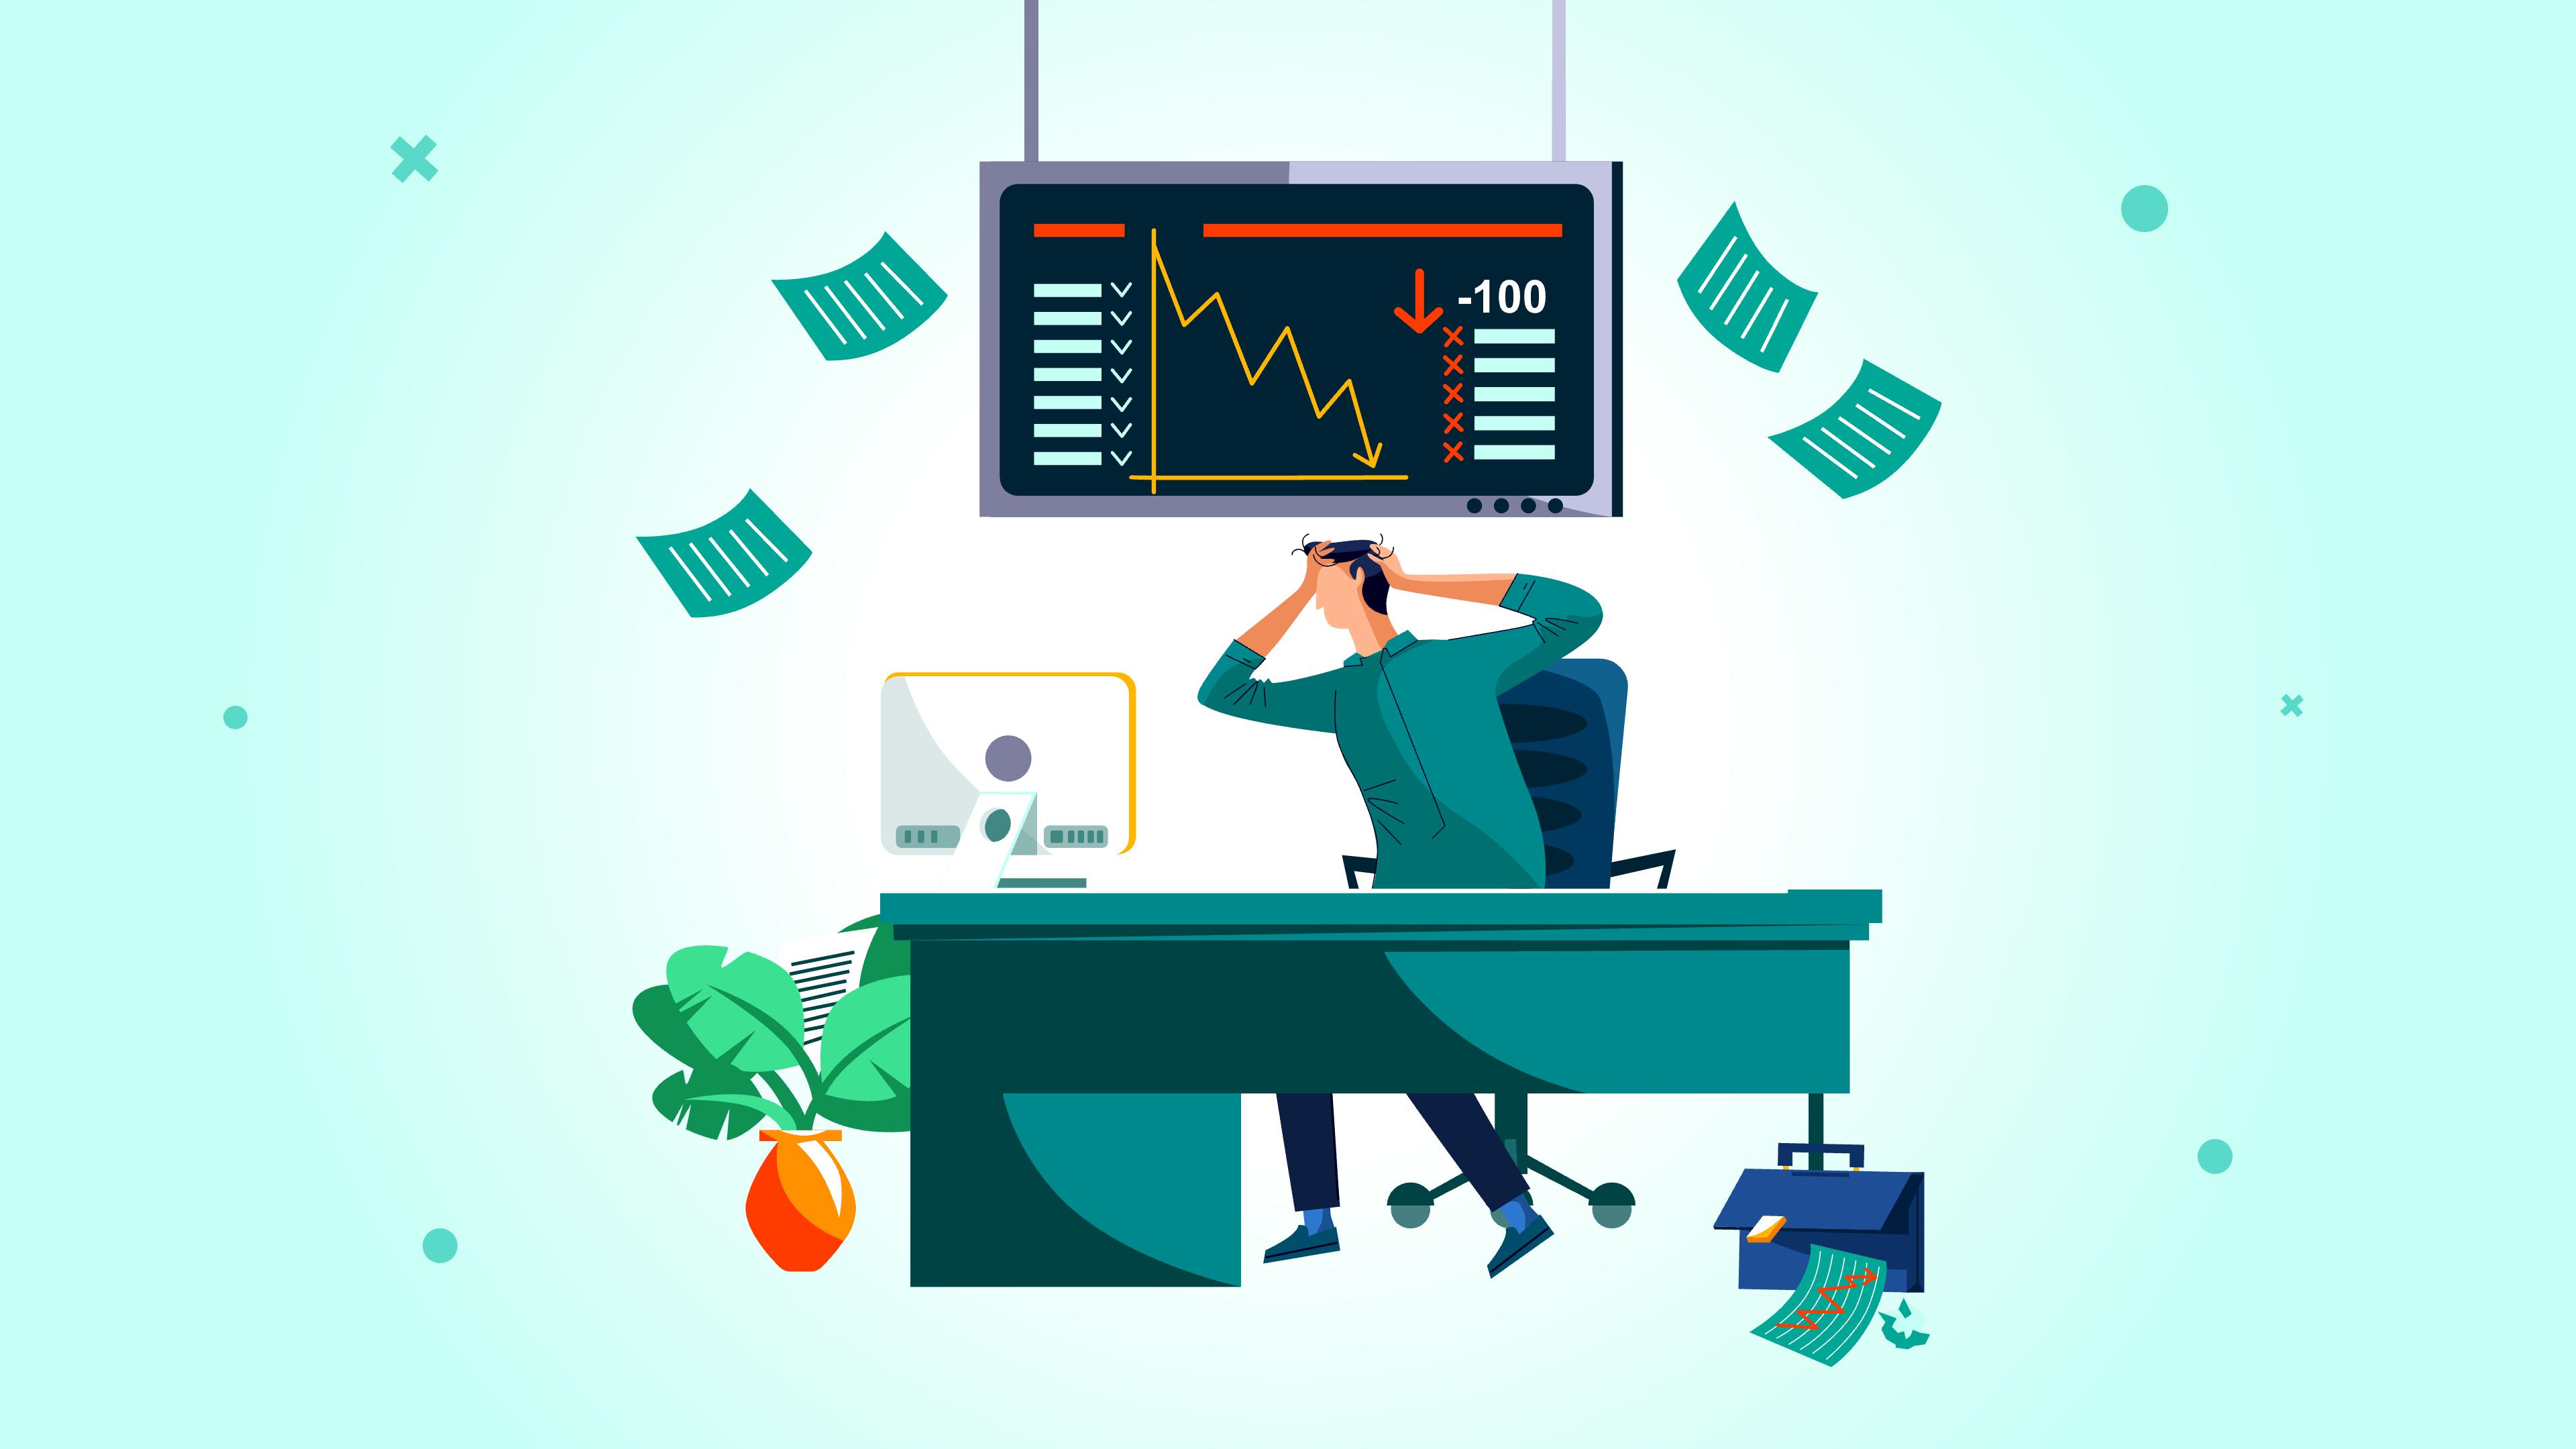 علت ریزش قیمت سهام در بازار بورس چیست؟